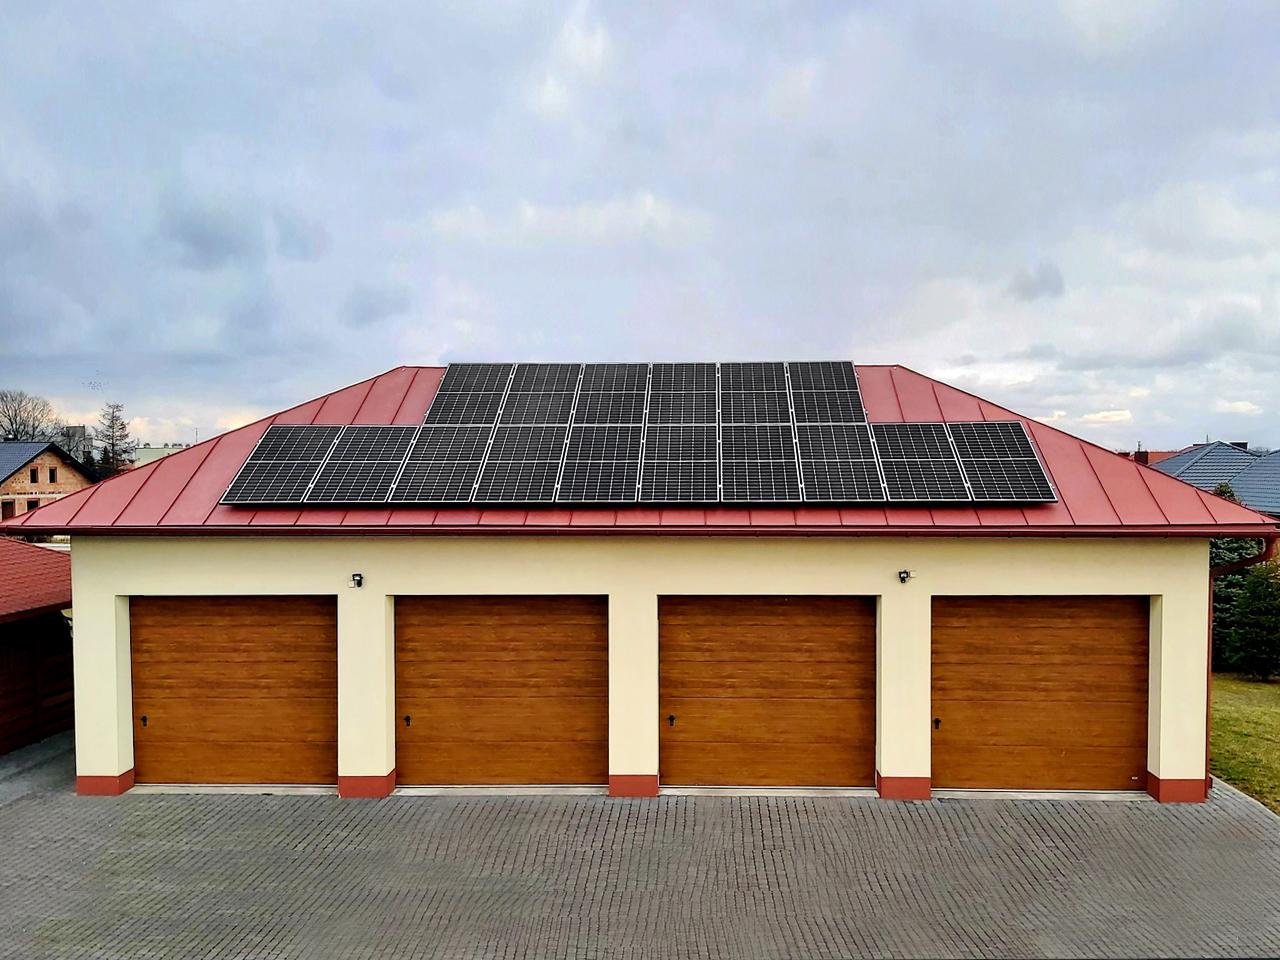 instalacja-fotowoltaiczna-foto-instal-montaz-paneli-slonecznych-debno-brzesko-tarnow-krakow-rzeszow-debica-nowy-sacz-malopolska-podkarpacie-longi-solar-sofar-fronius-huawei (39)